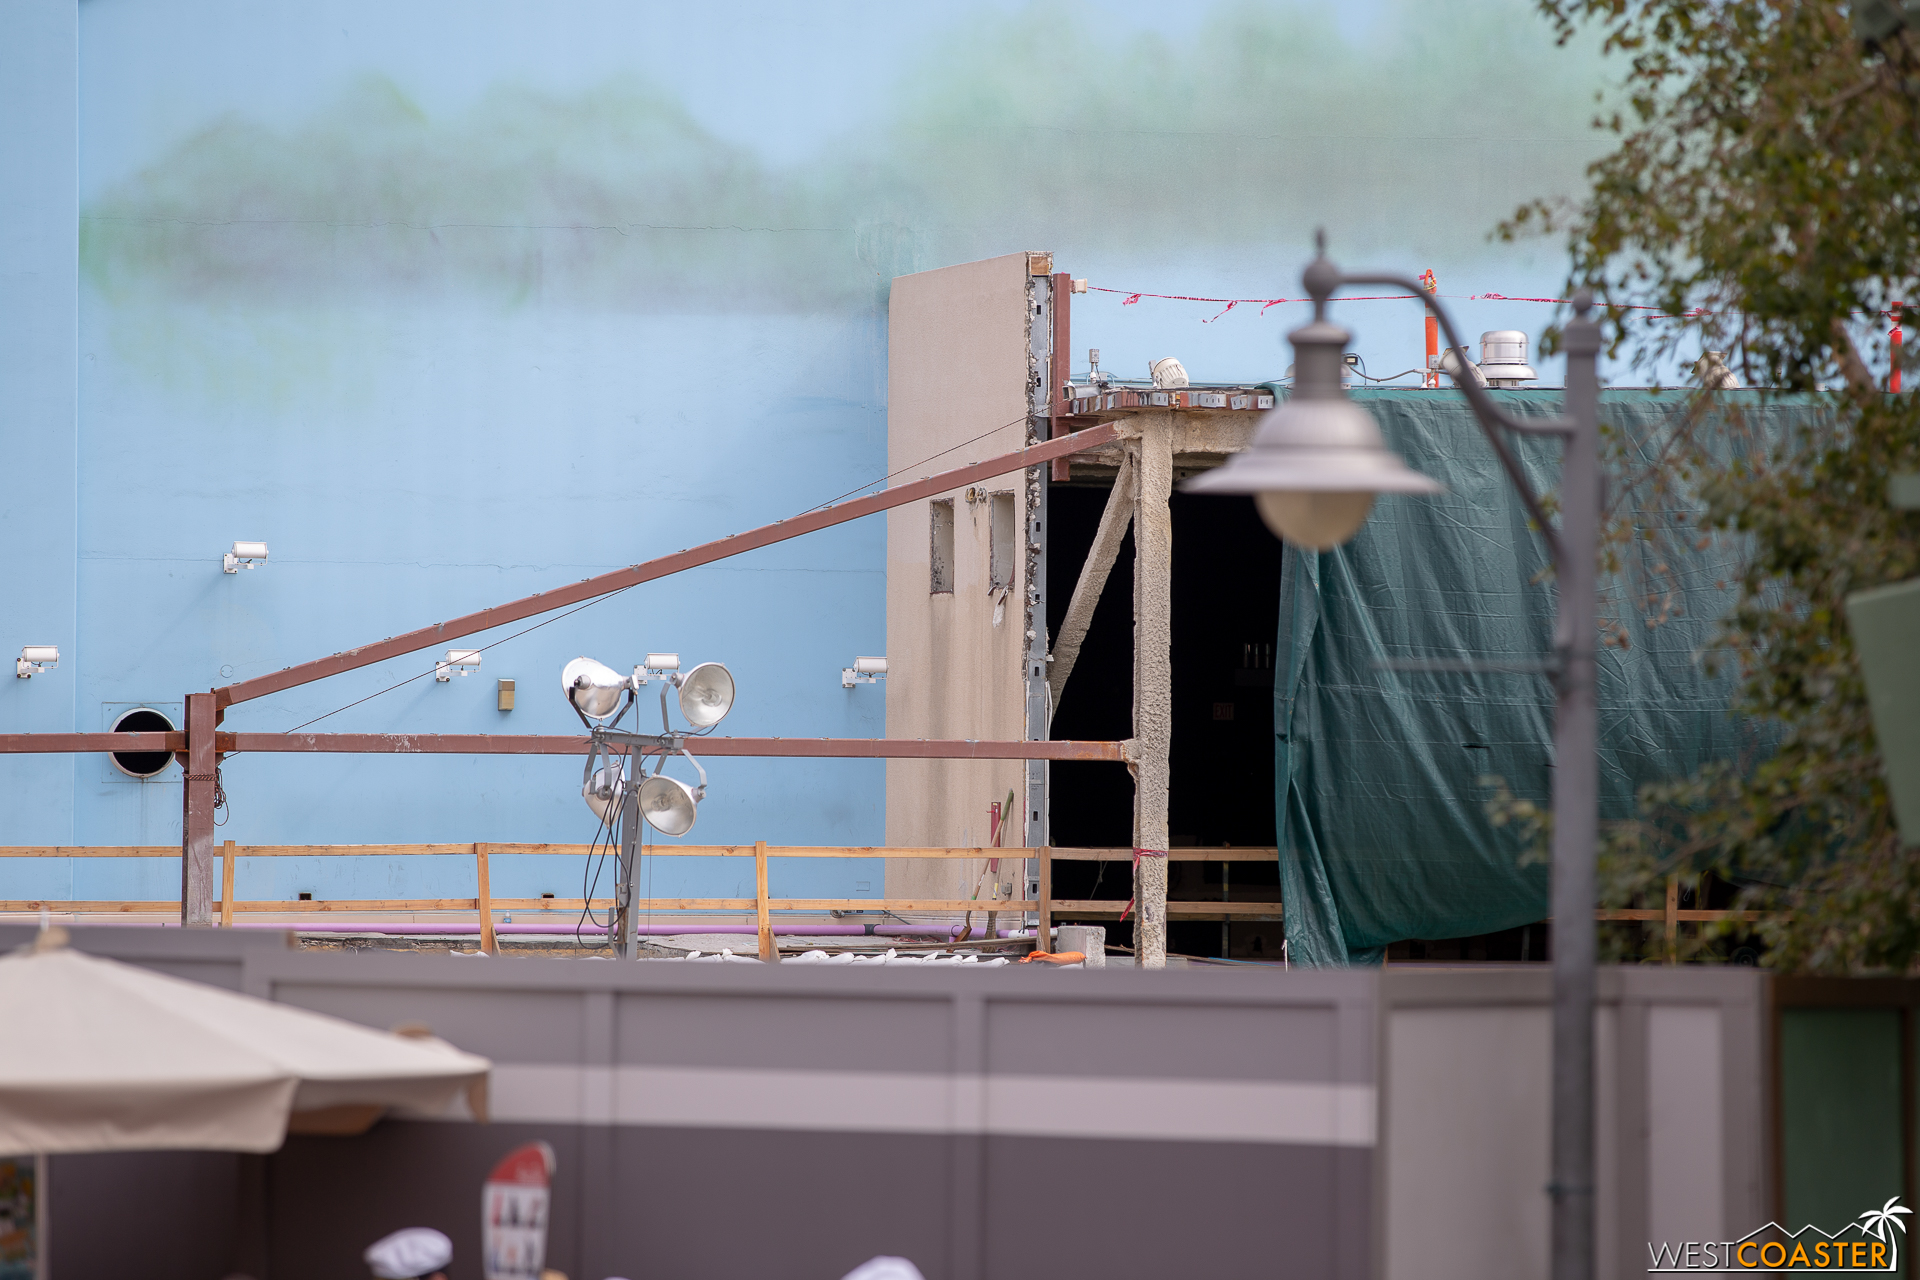 Westcoaster Disneyland Update 2-19-54.jpg